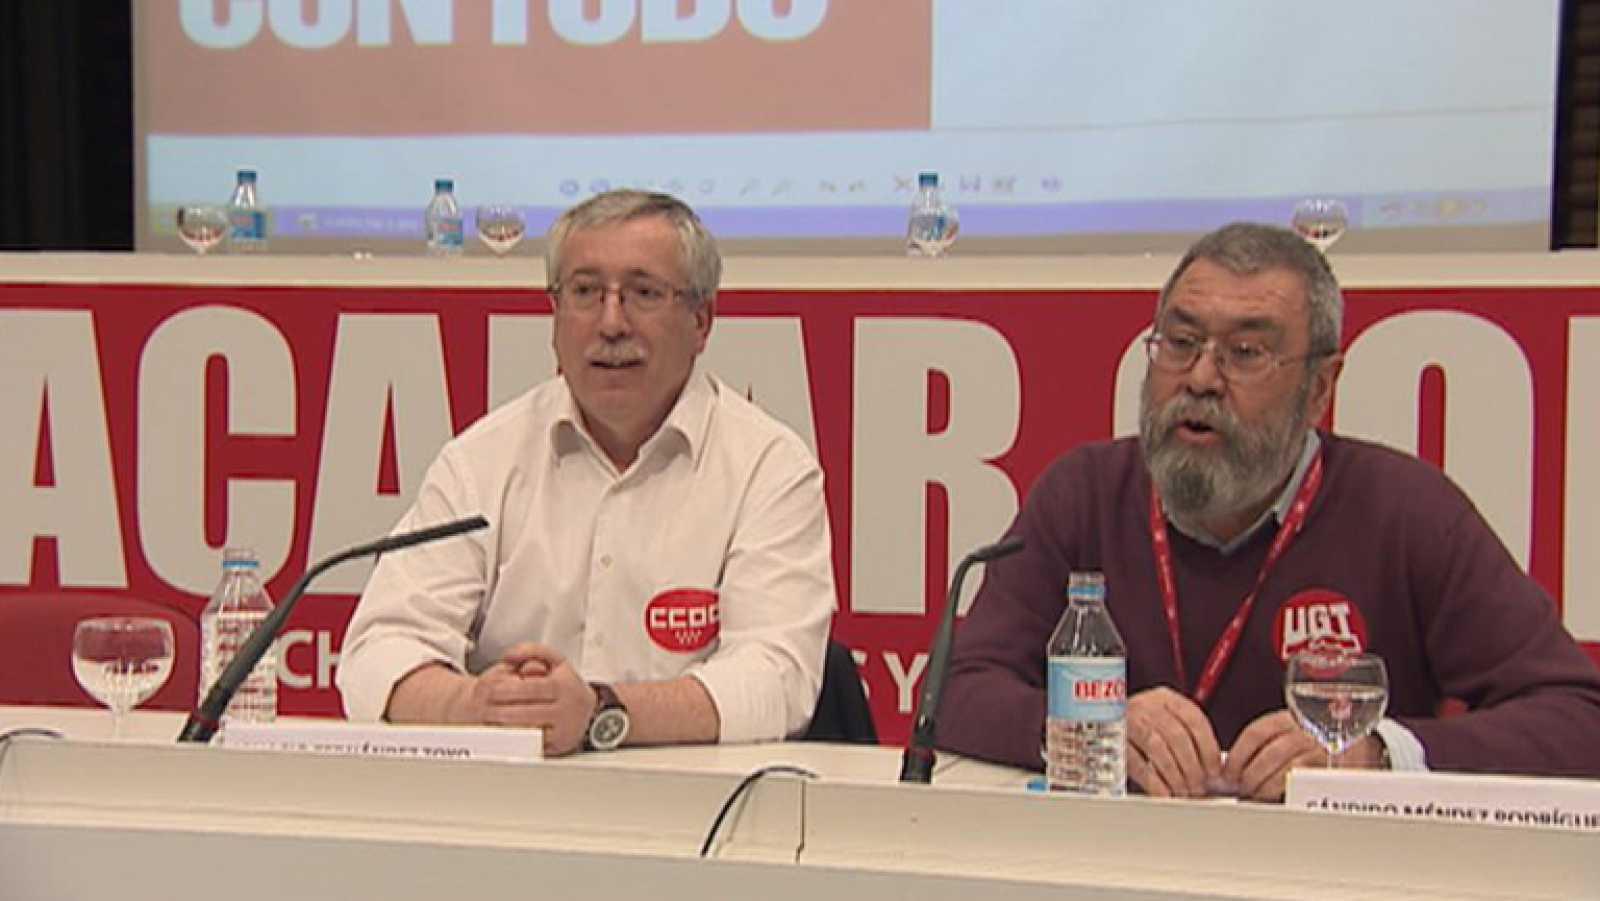 CCOO y UGT han convocado una huelga general el 29 de marzo en contra de la reforma laboral